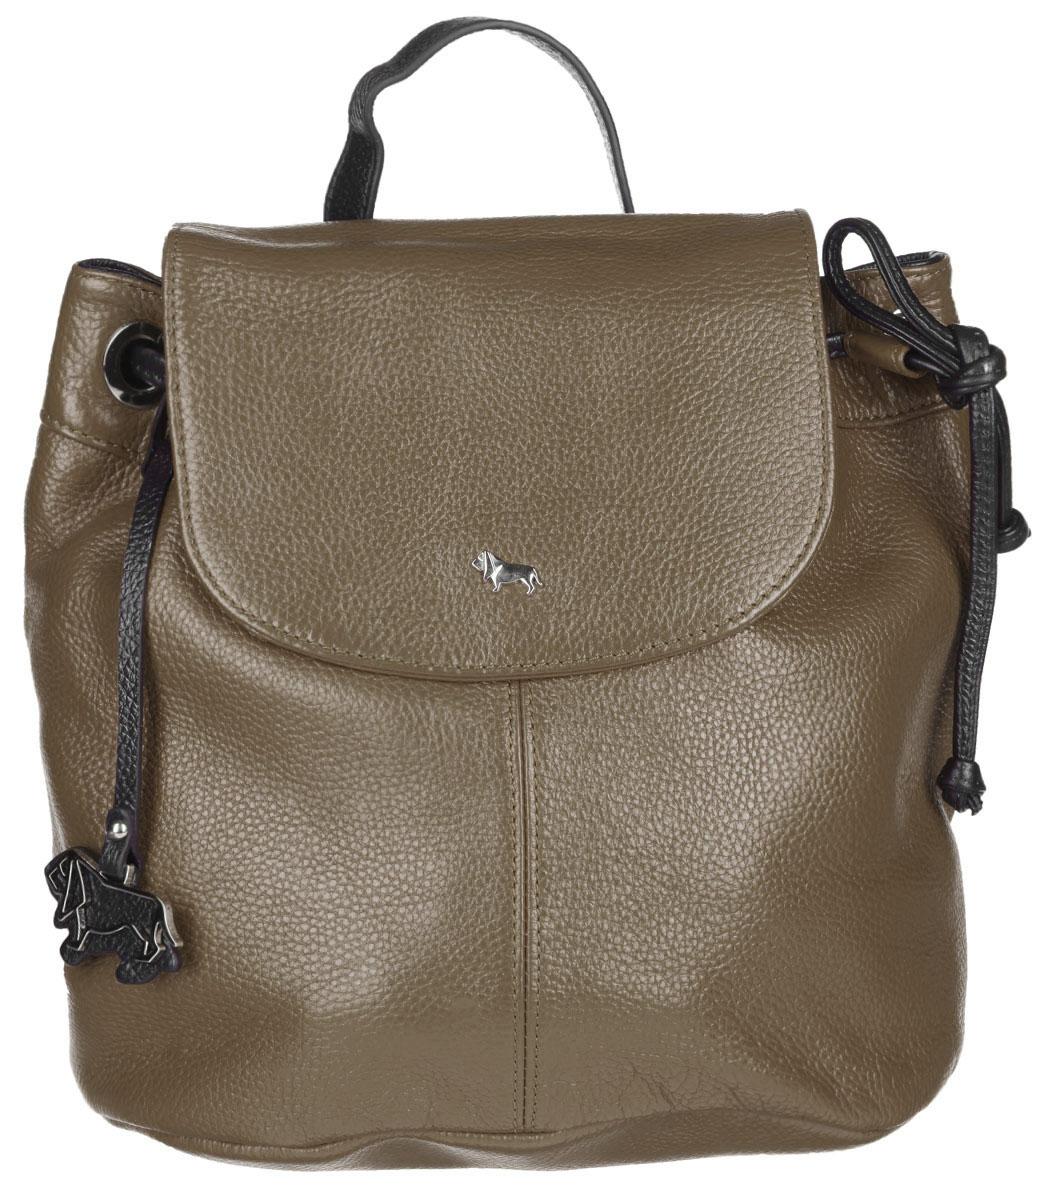 Рюкзак женский Labbra, цвет: тауп, черный. L-9916-1L39845800Стильный женский рюкзак Labbra выполнен из натуральной кожи с фактурным тиснением. Изделие имеет одно отделение, закрывающееся на клапан с магнитом и дополнительно на затягивающийся шнурок. Внутри находится прорезной карман на застежке-молнии и два открытых накладных кармана. Снаружи, на задней стенке расположен прорезной карман на застежке-молнии. Рюкзак оснащен съемной лямкой, регулируемой по длине, которая позволяет носить изделие на плечах, или в руках, как сумку. Изделие украшено фирменным брелоком. В комплект входит фирменный чехол для хранения. Стильный рюкзак Labbra прекрасно дополнит ваш образ.